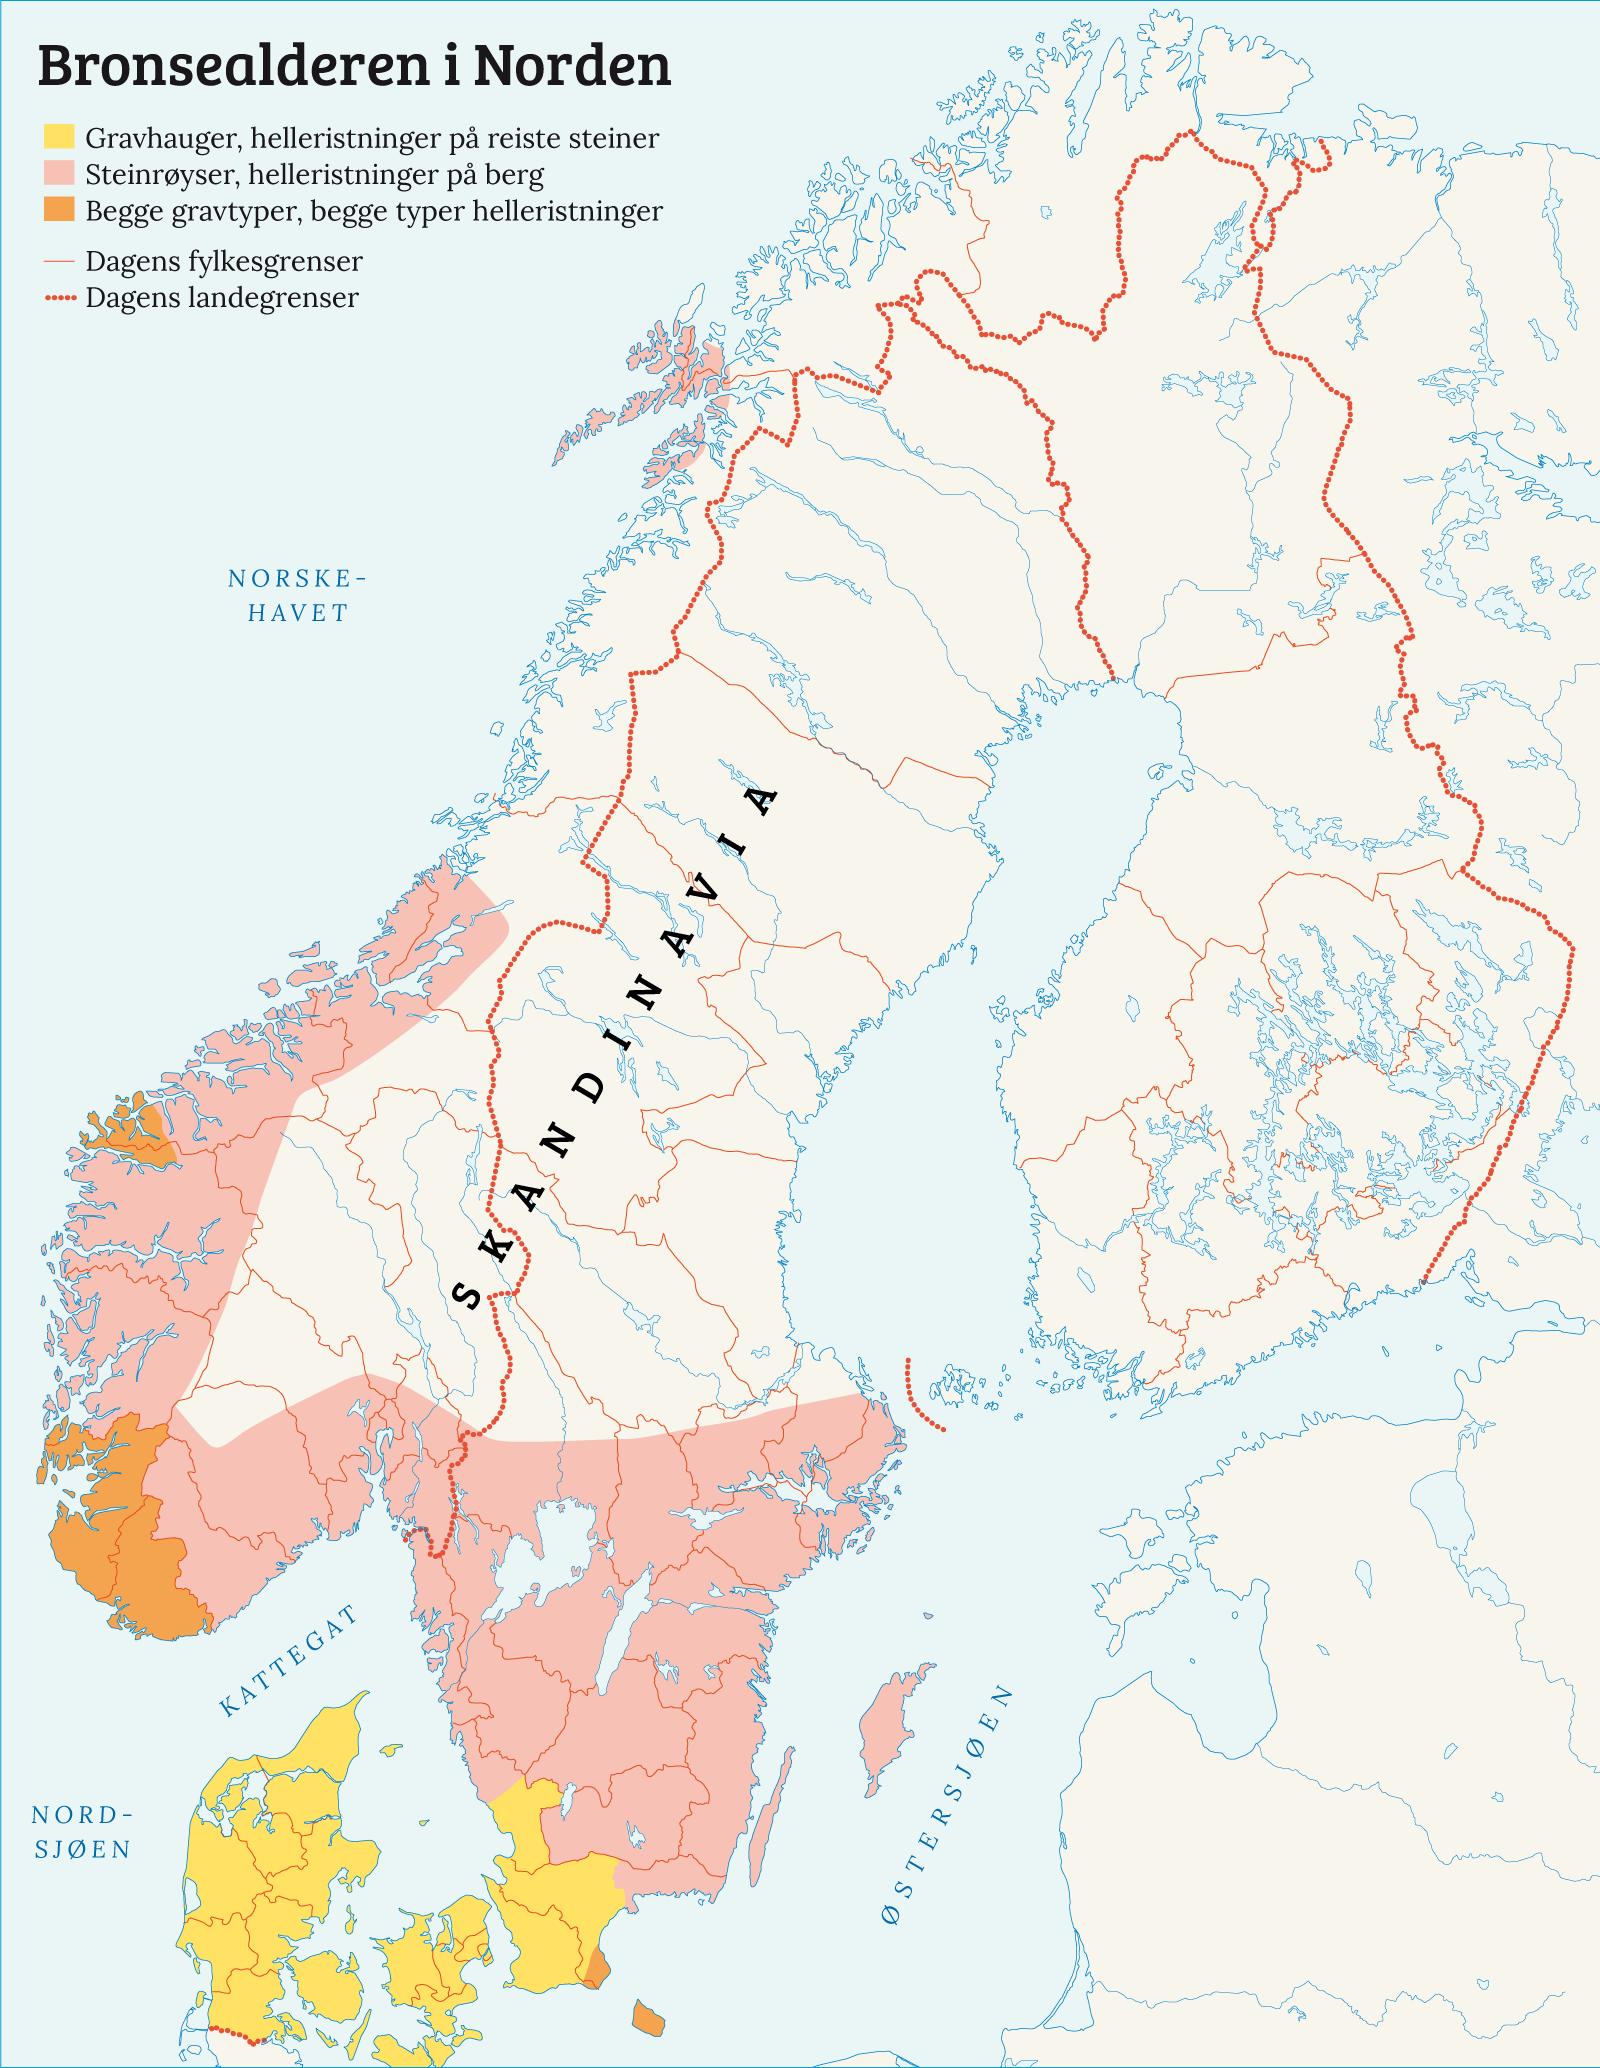 kattegat vikingtiden